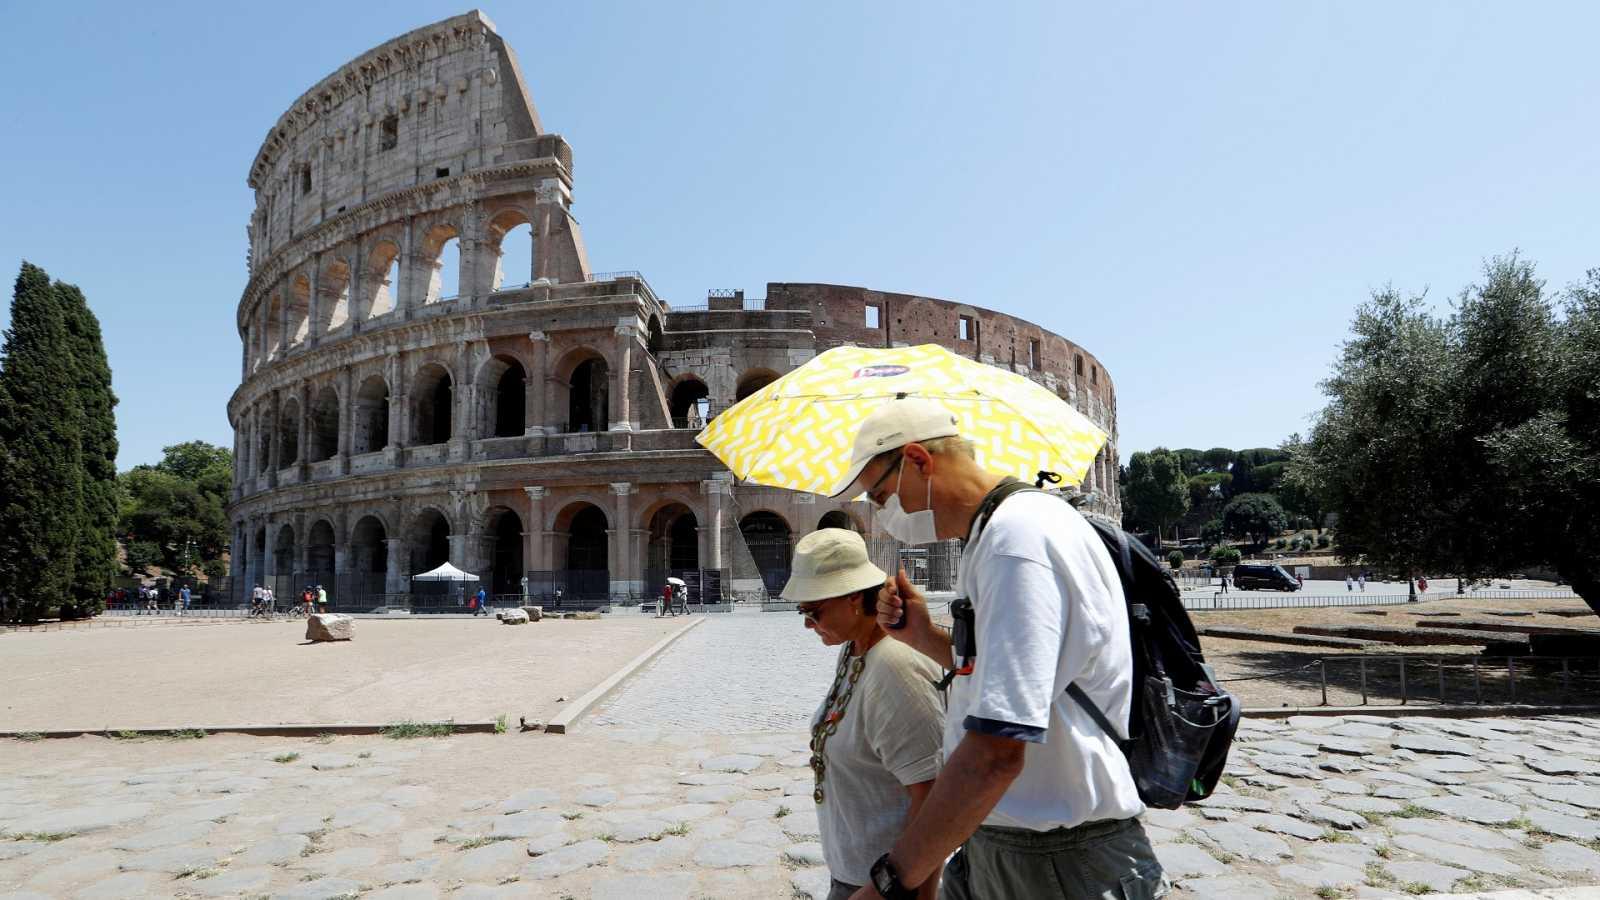 Una pareja pasea por el Coliseo en Roma